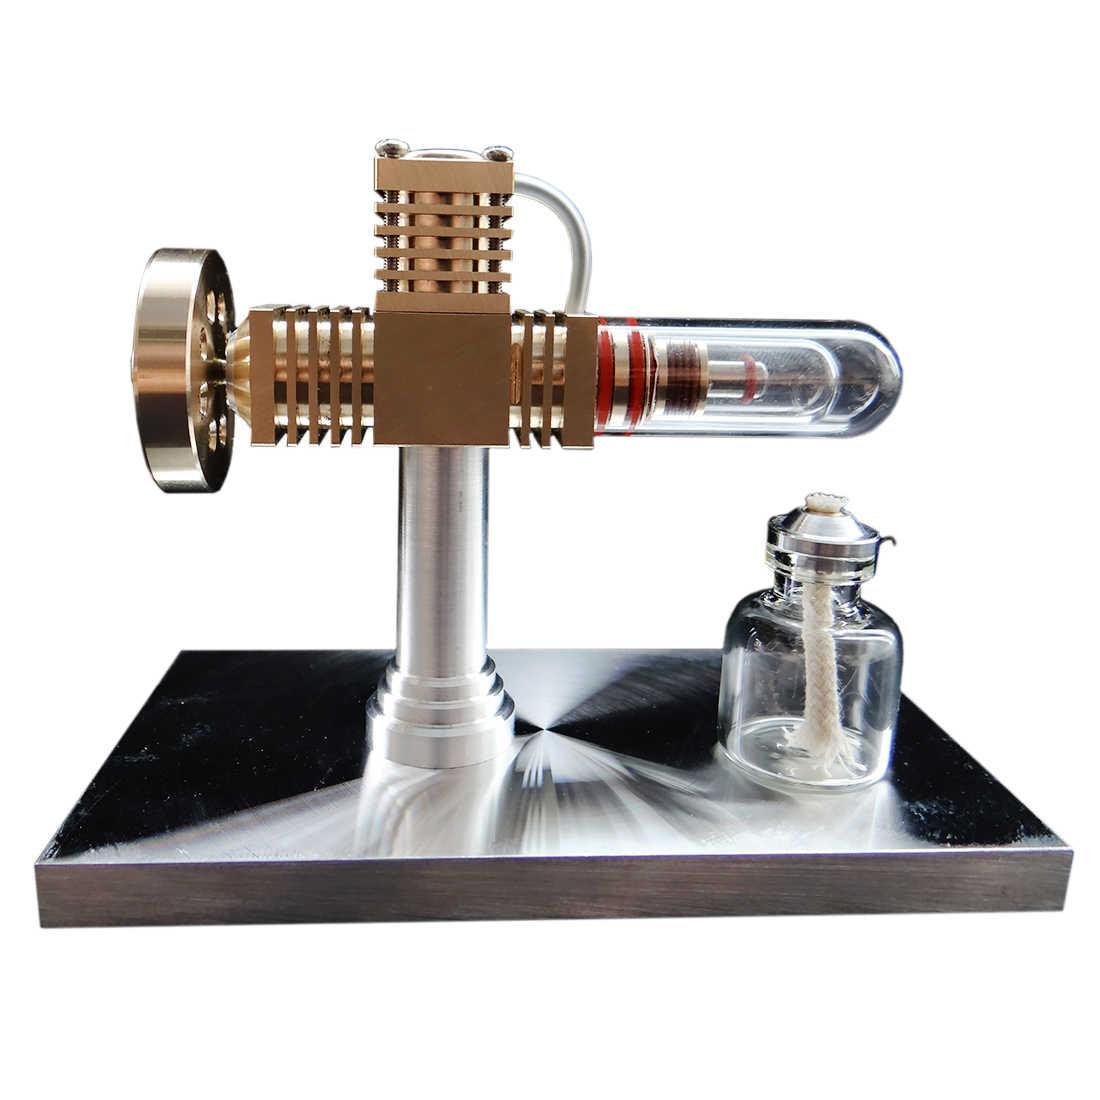 Kwarcowy ciepła rury darmowa-tłok Model silnika stirlinga High-End kreatywny prezenty do kolekcji zabawka edukacyjna prezent dla dzieci dzieci